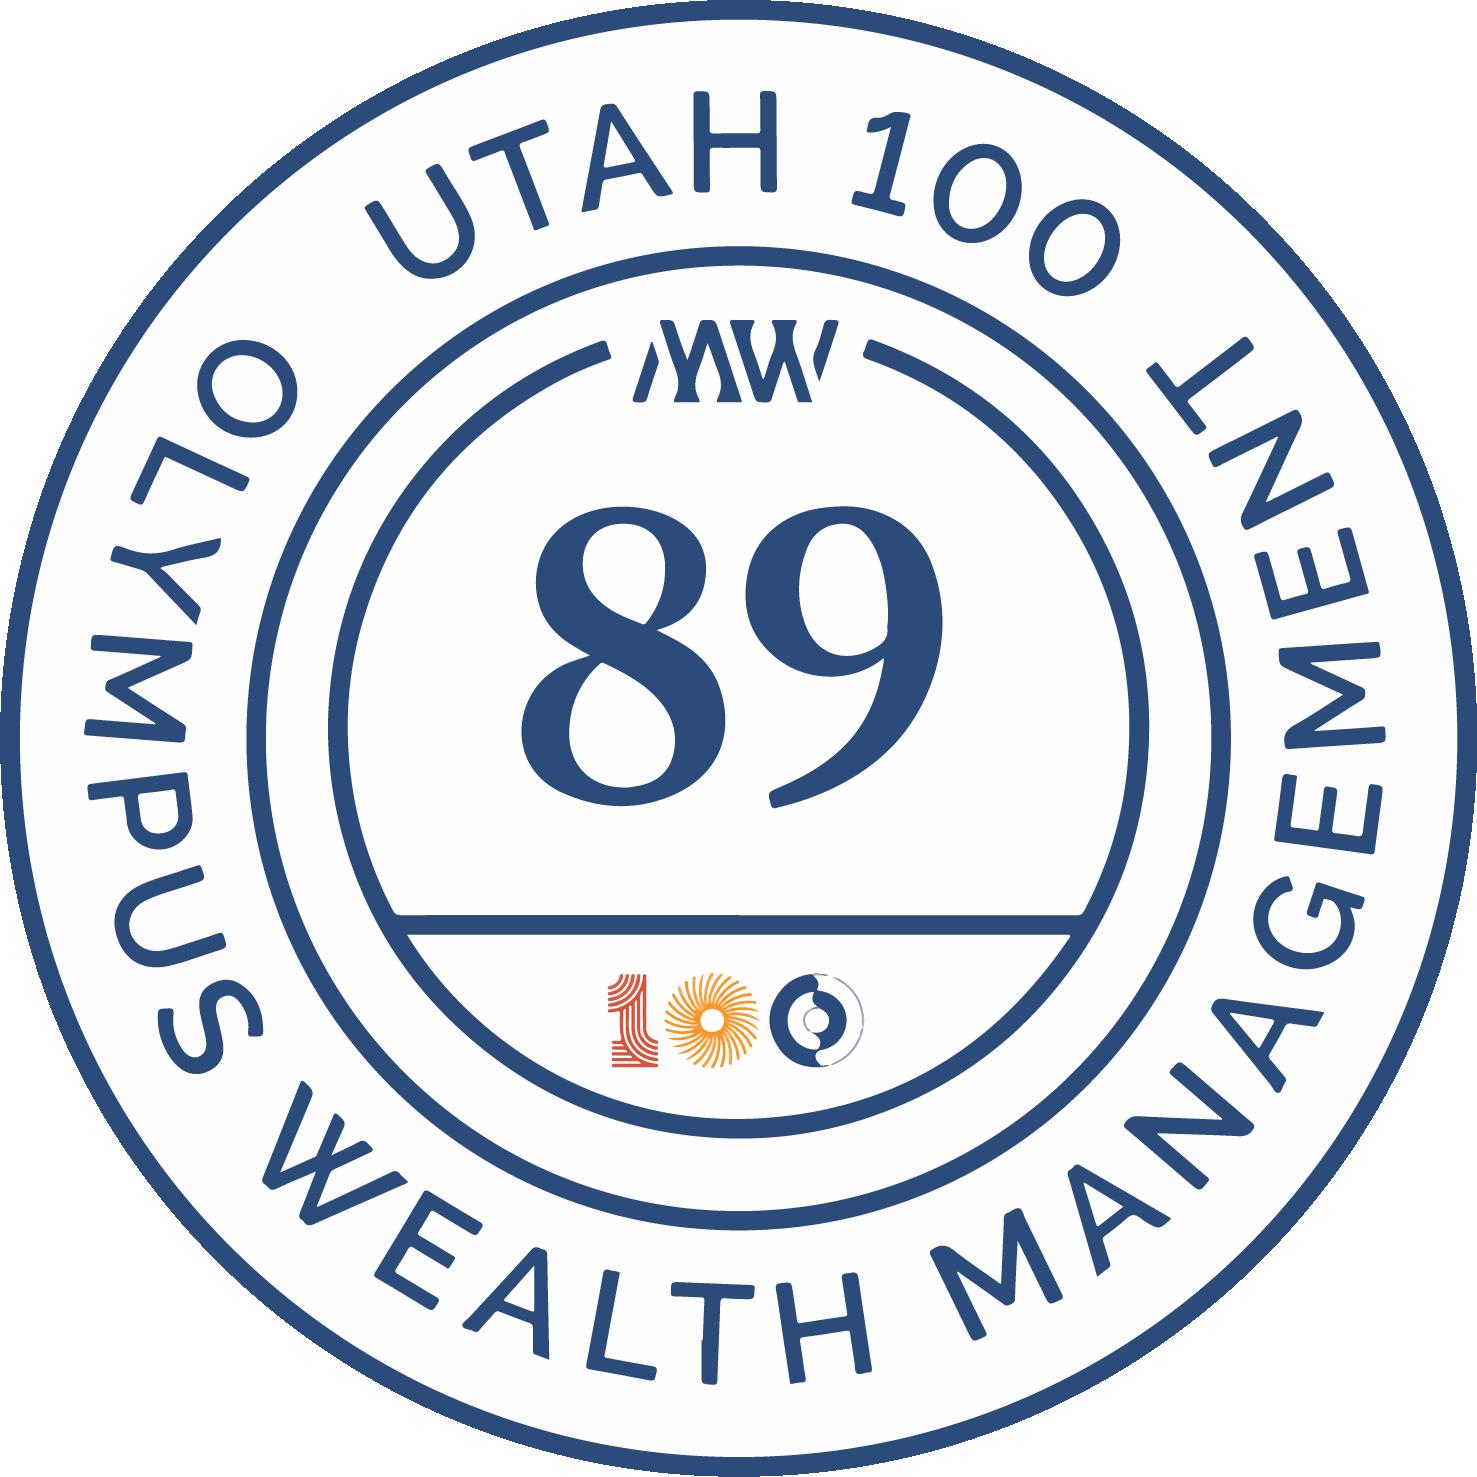 Utah 100 logo